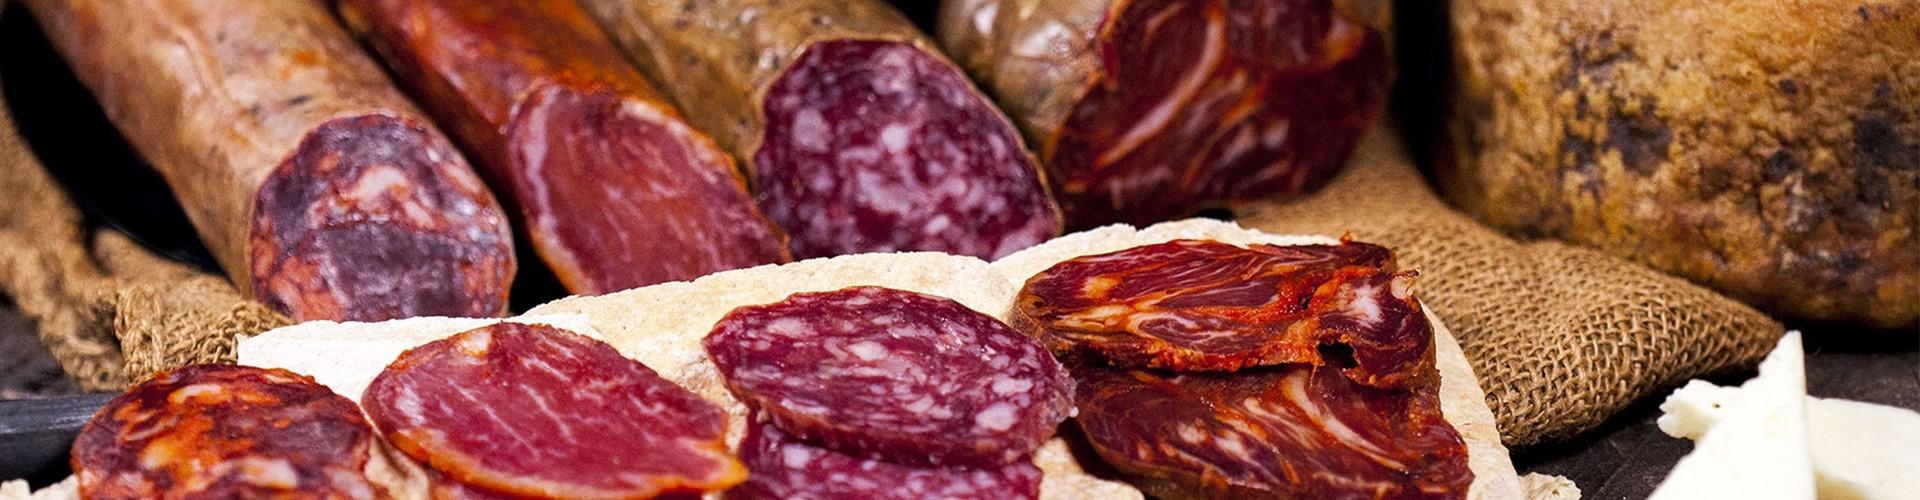 Chorizos ibéricos de bellota extremeños de Montánchez